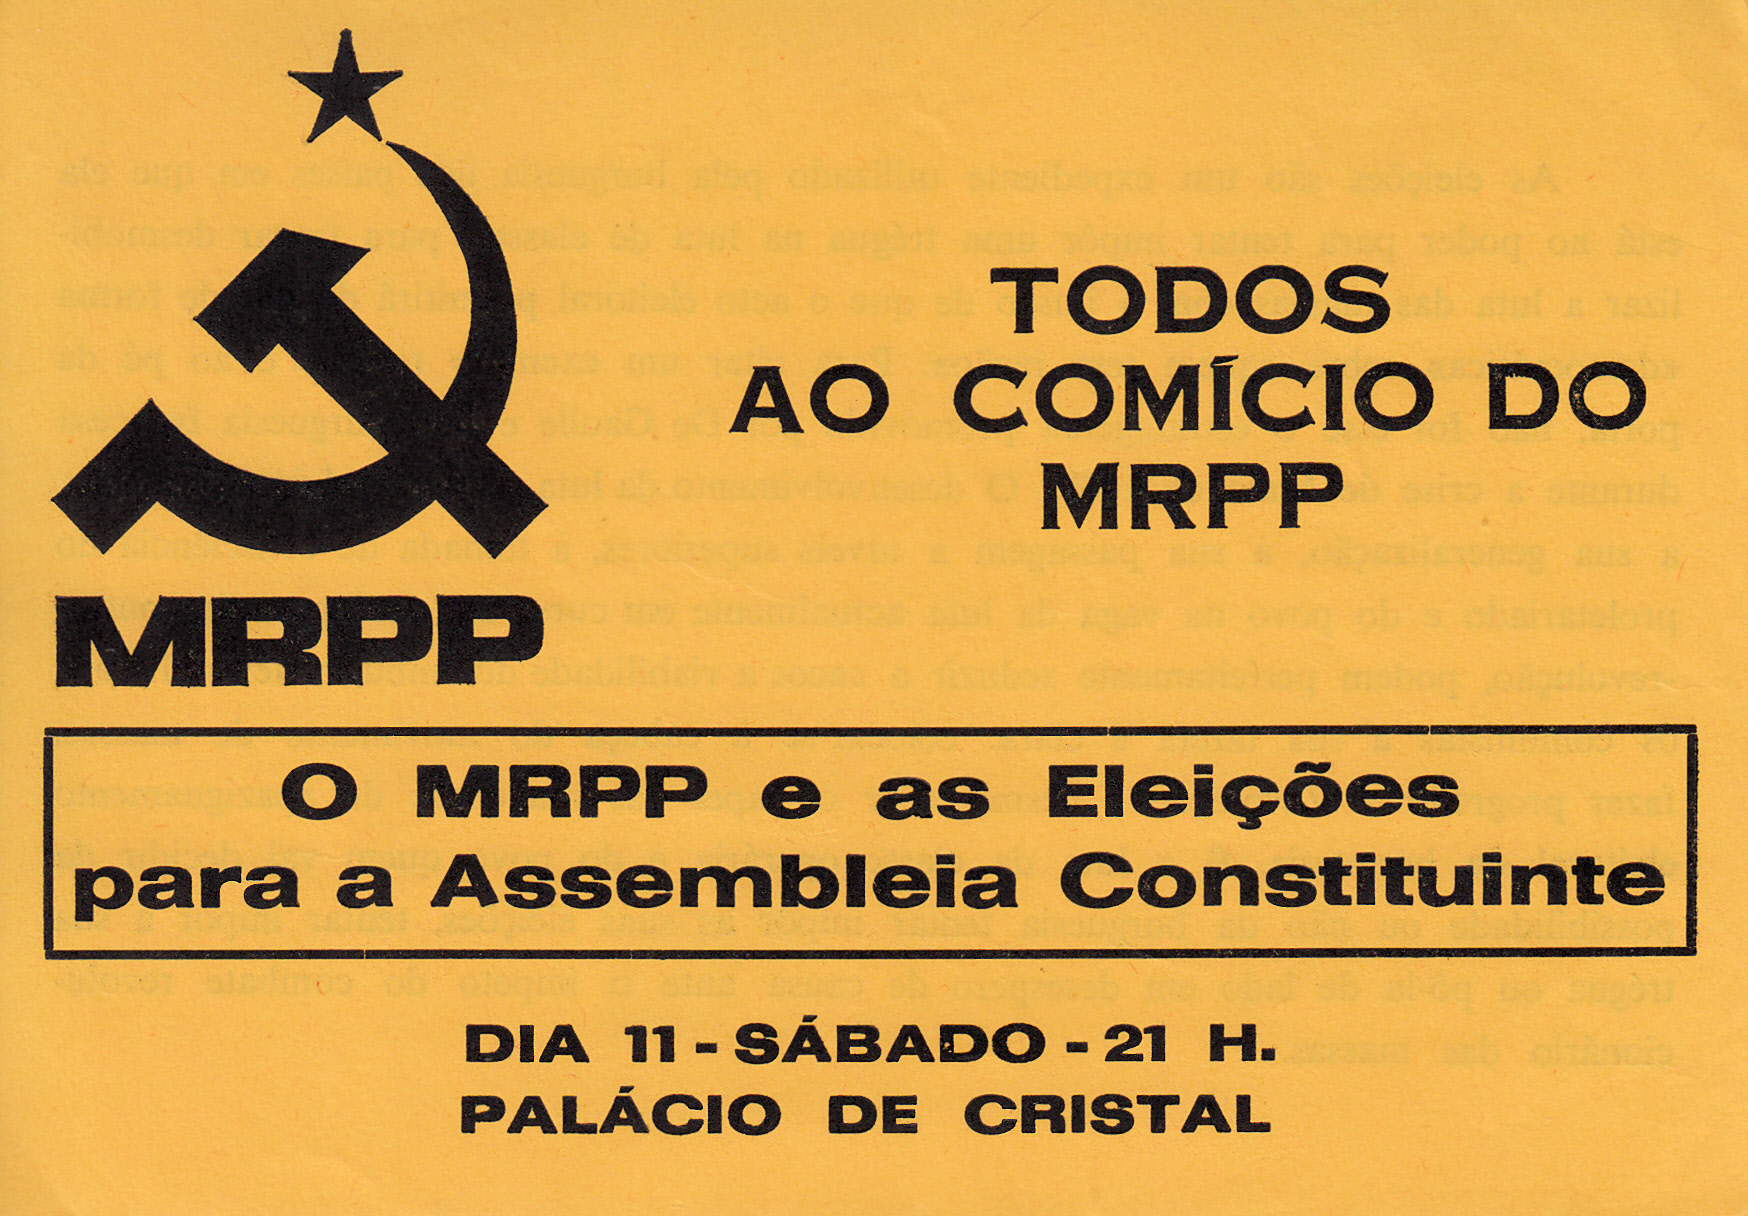 MRPP_1975_04_11_0001